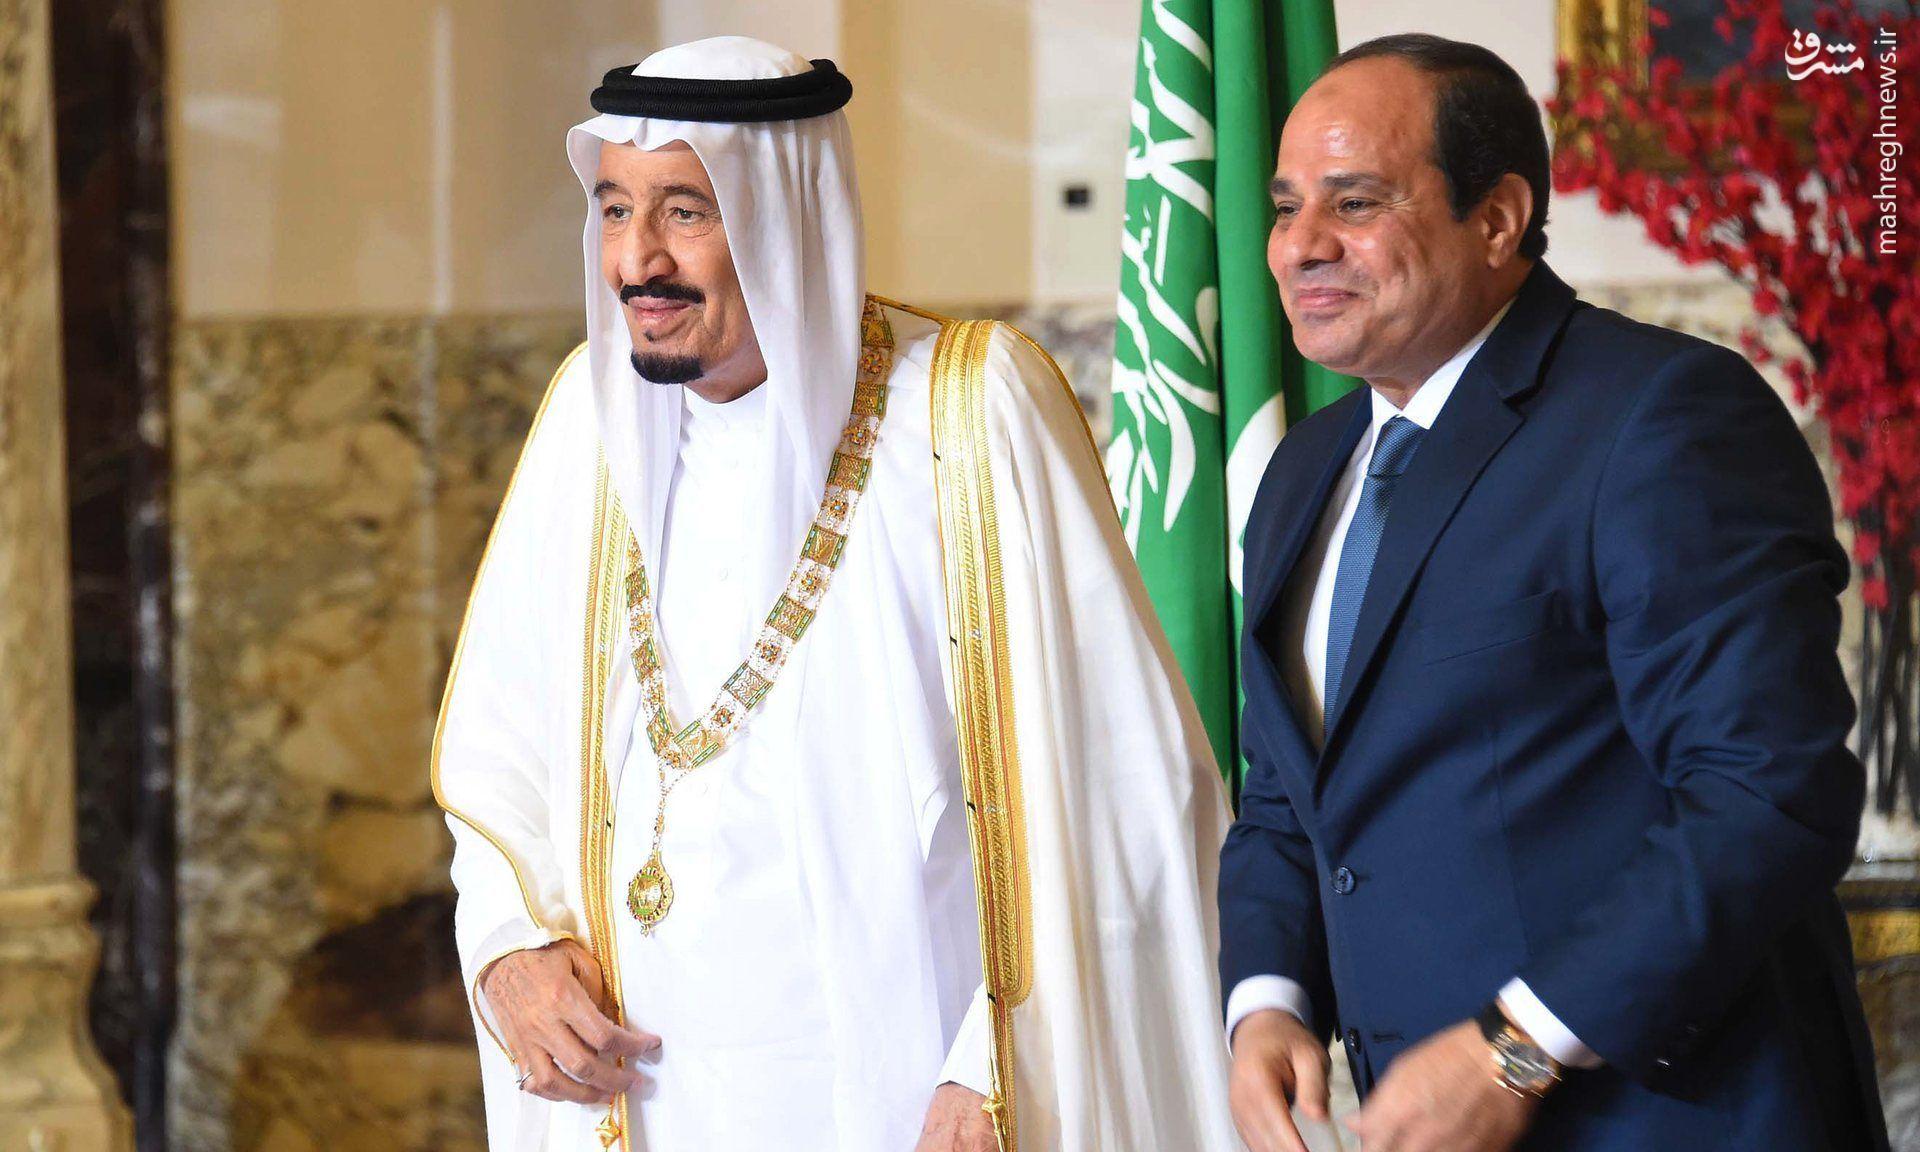 چرا رئیس جمهور مصر از بشار اسد حمایت میکند/ پشت پرده روی گردانی «السیسی» از آل سعود